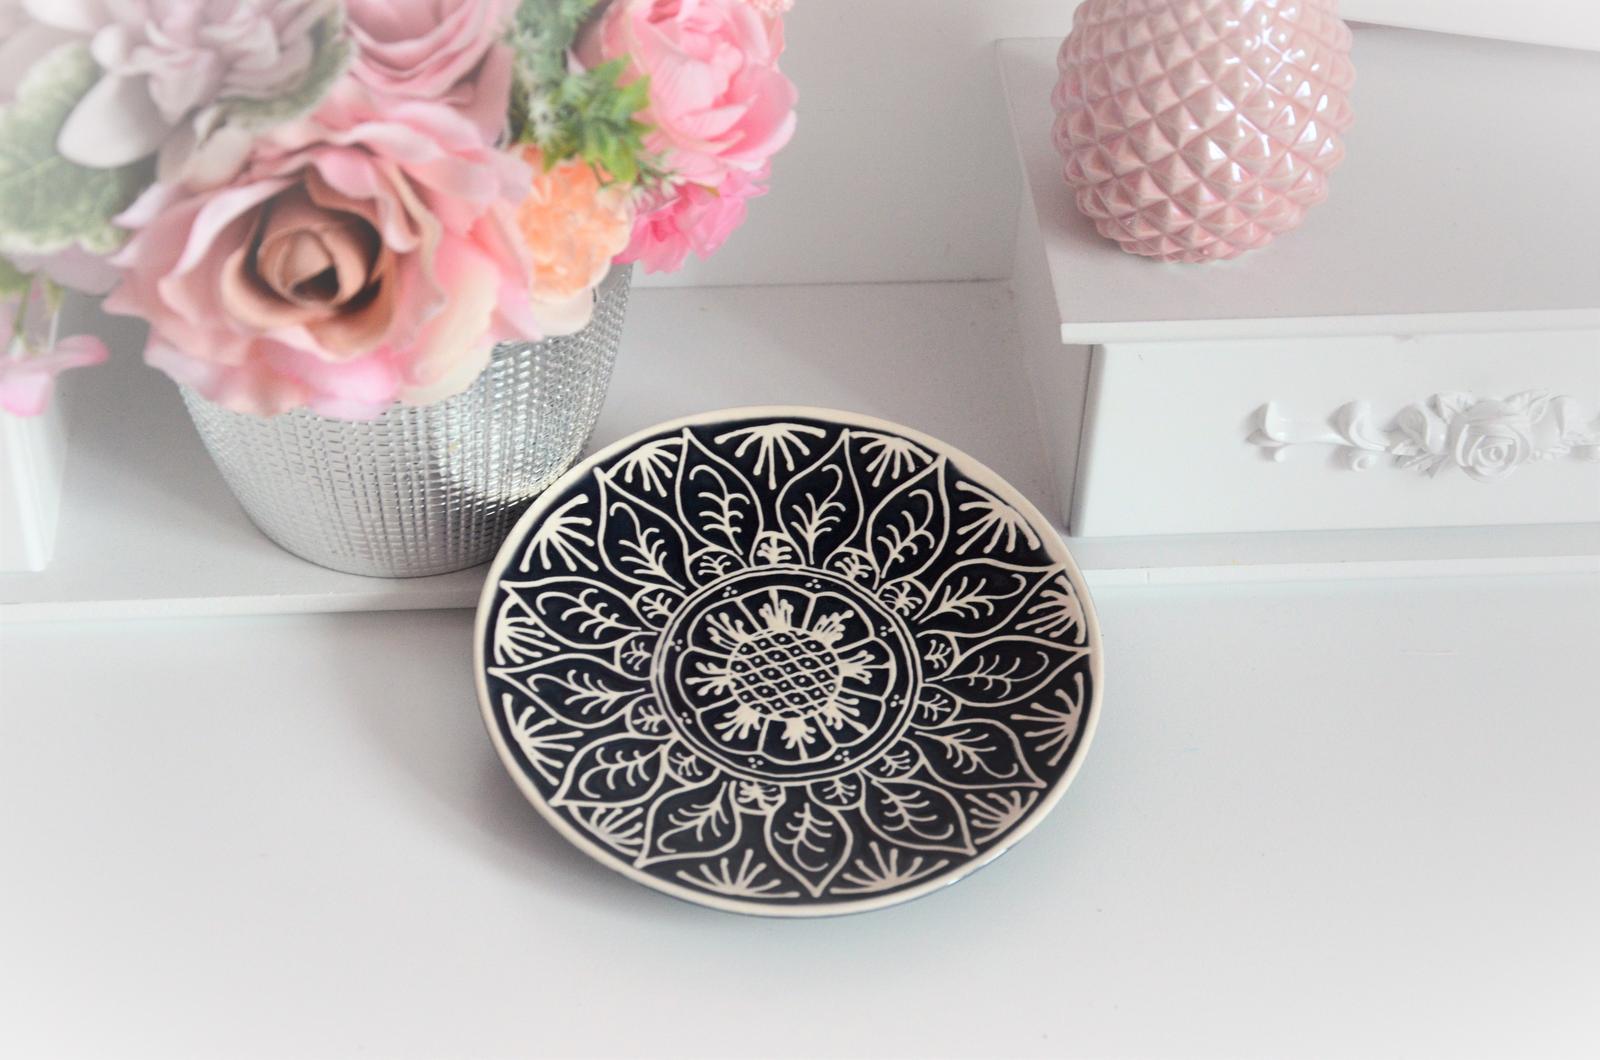 dekoračný tanierik - Obrázok č. 2